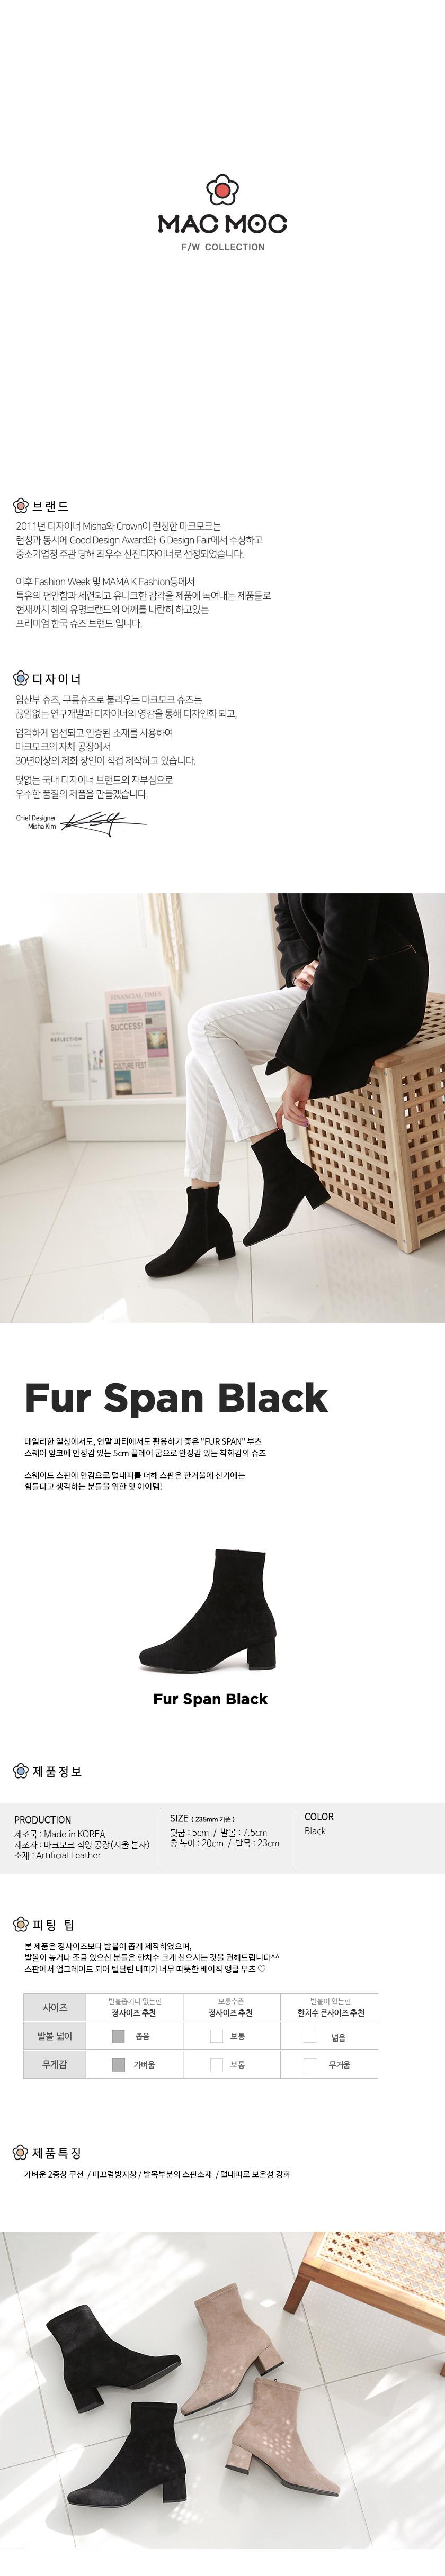 마크모크(MAC MOC) Fur Span Black